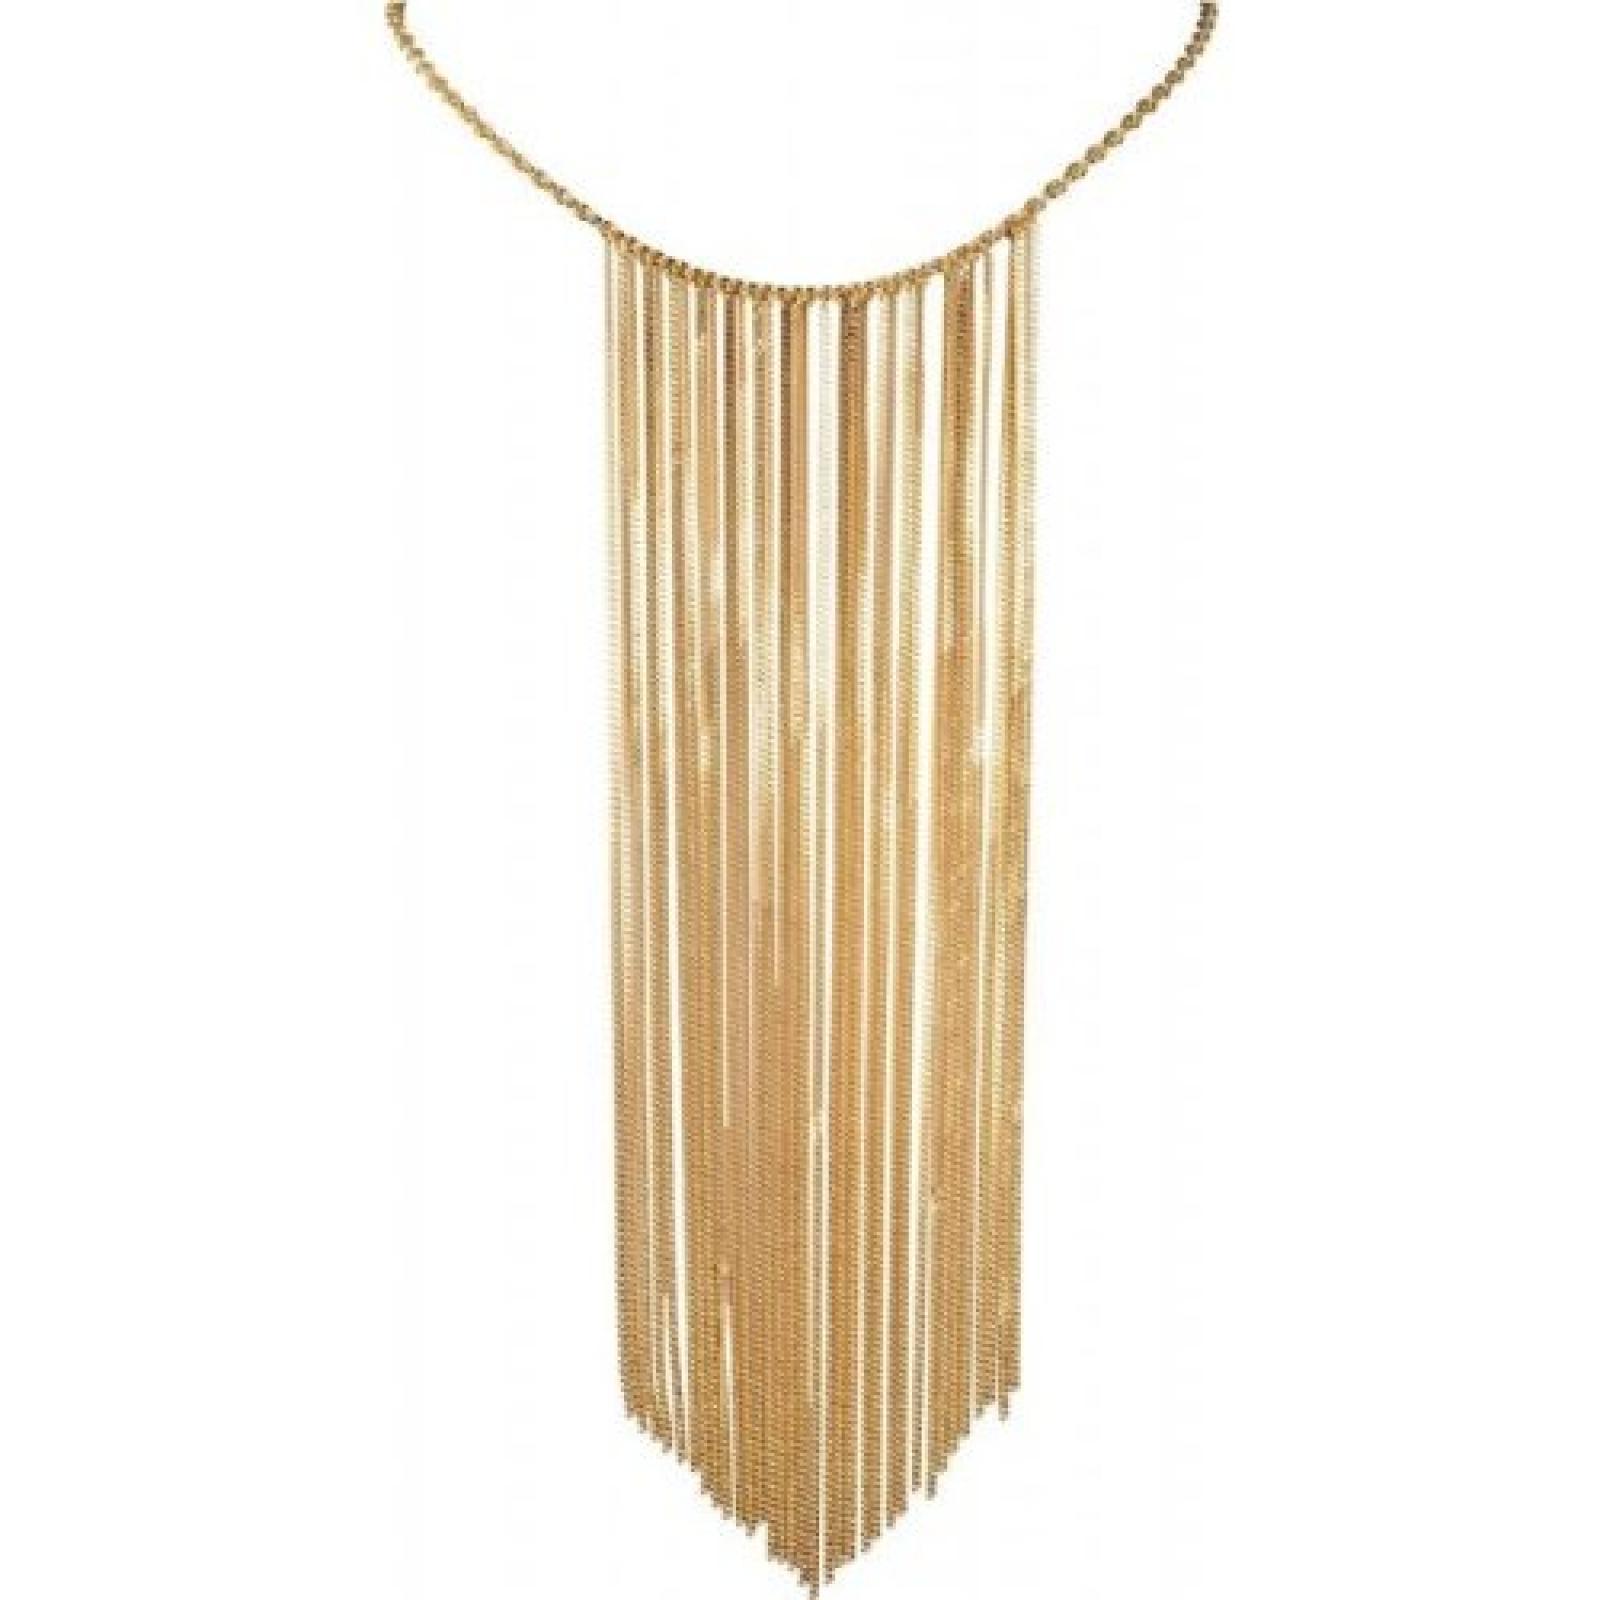 Damen Halskette Fringes NA 925 Sterling Silber rhodiniert 42 cm mehrfarbig JPNL90494B420